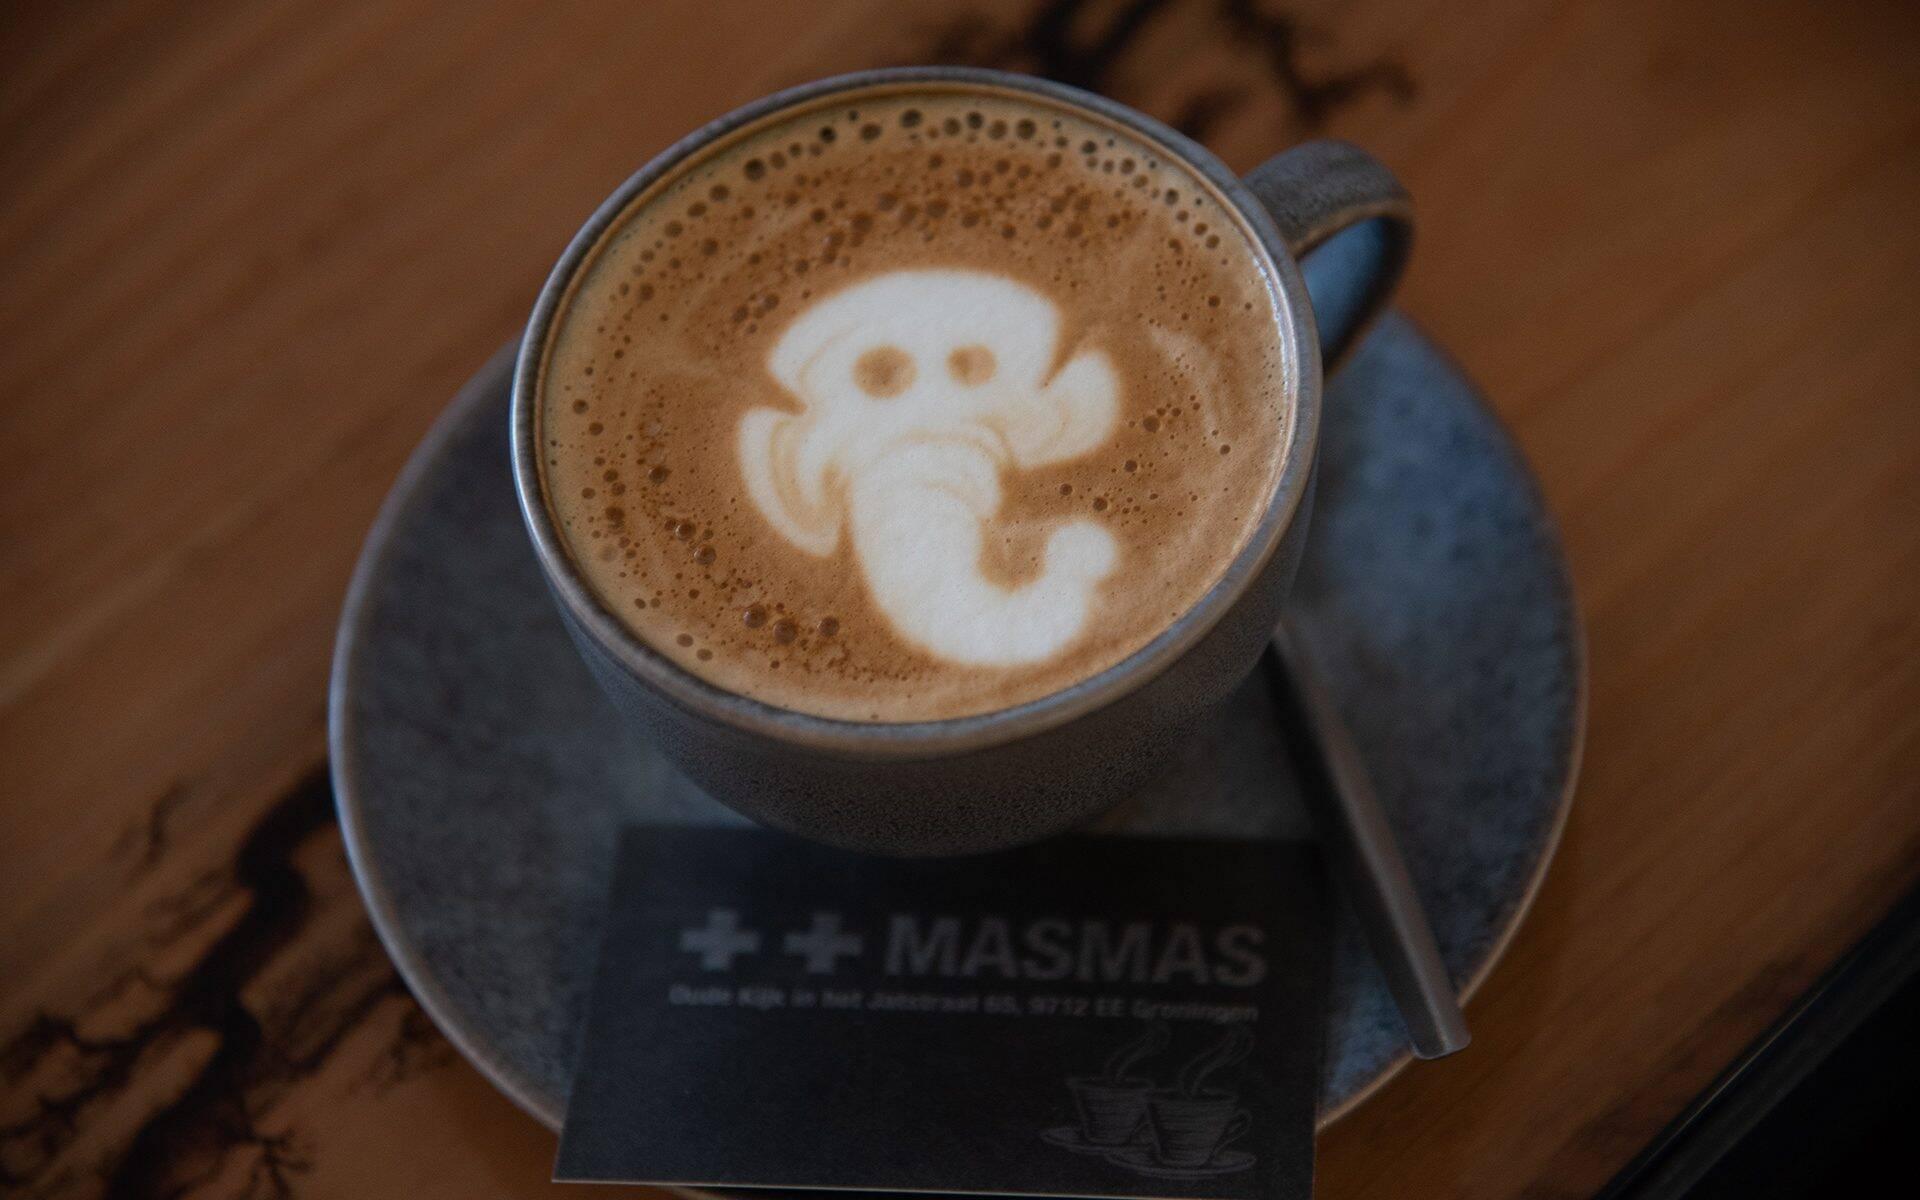 MASMAS Groningen